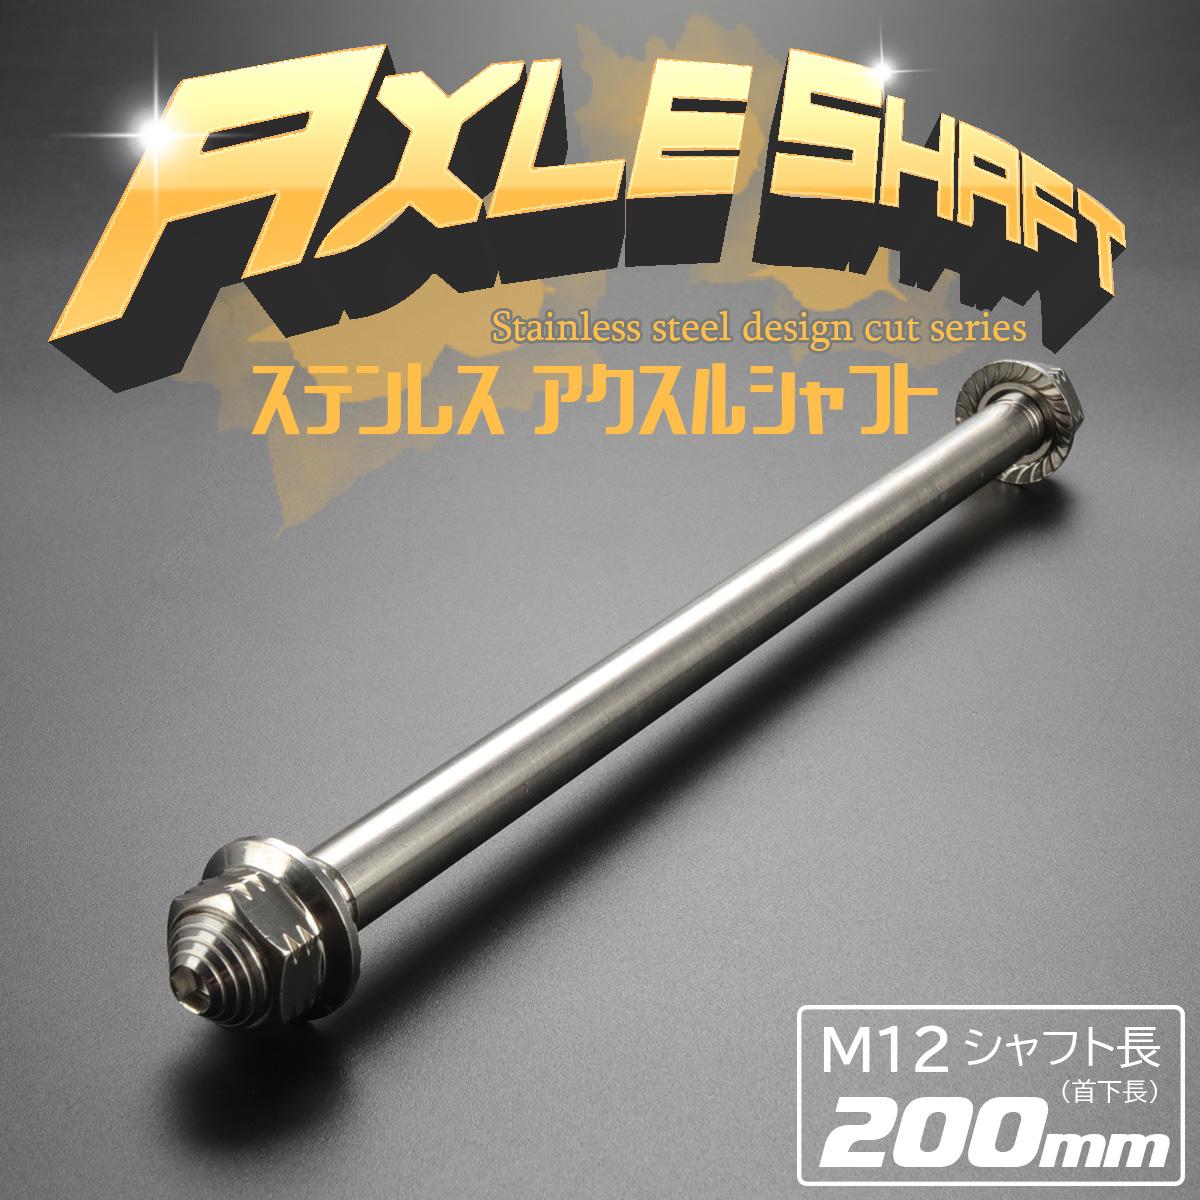 汎用 ステンレス アクスルシャフト M12 200mm シルバー 4ミニ 原付など TH0349